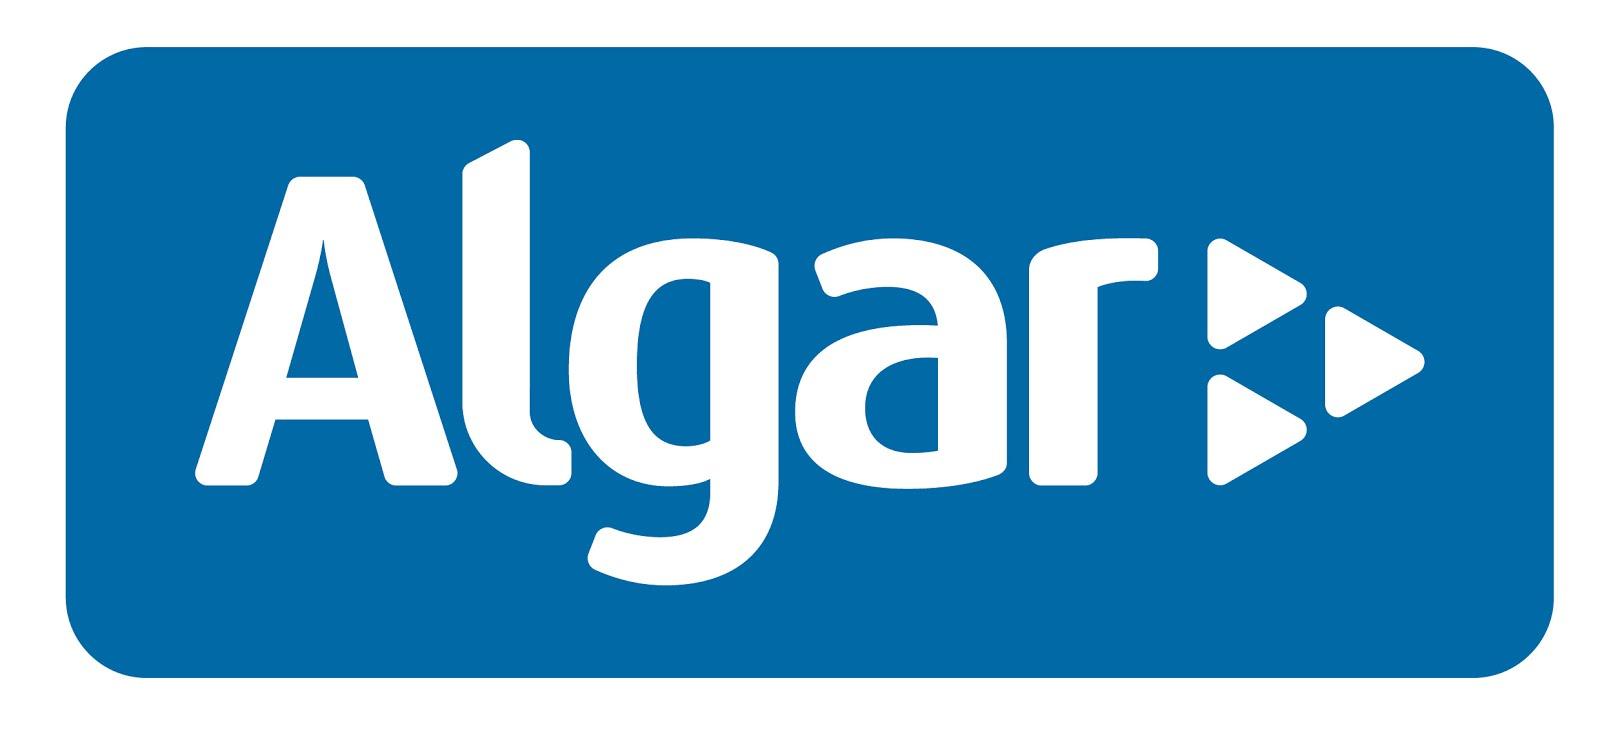 Algar renova parceria com Santos FC e permanece como patrocinador ... 0c559de749a3f